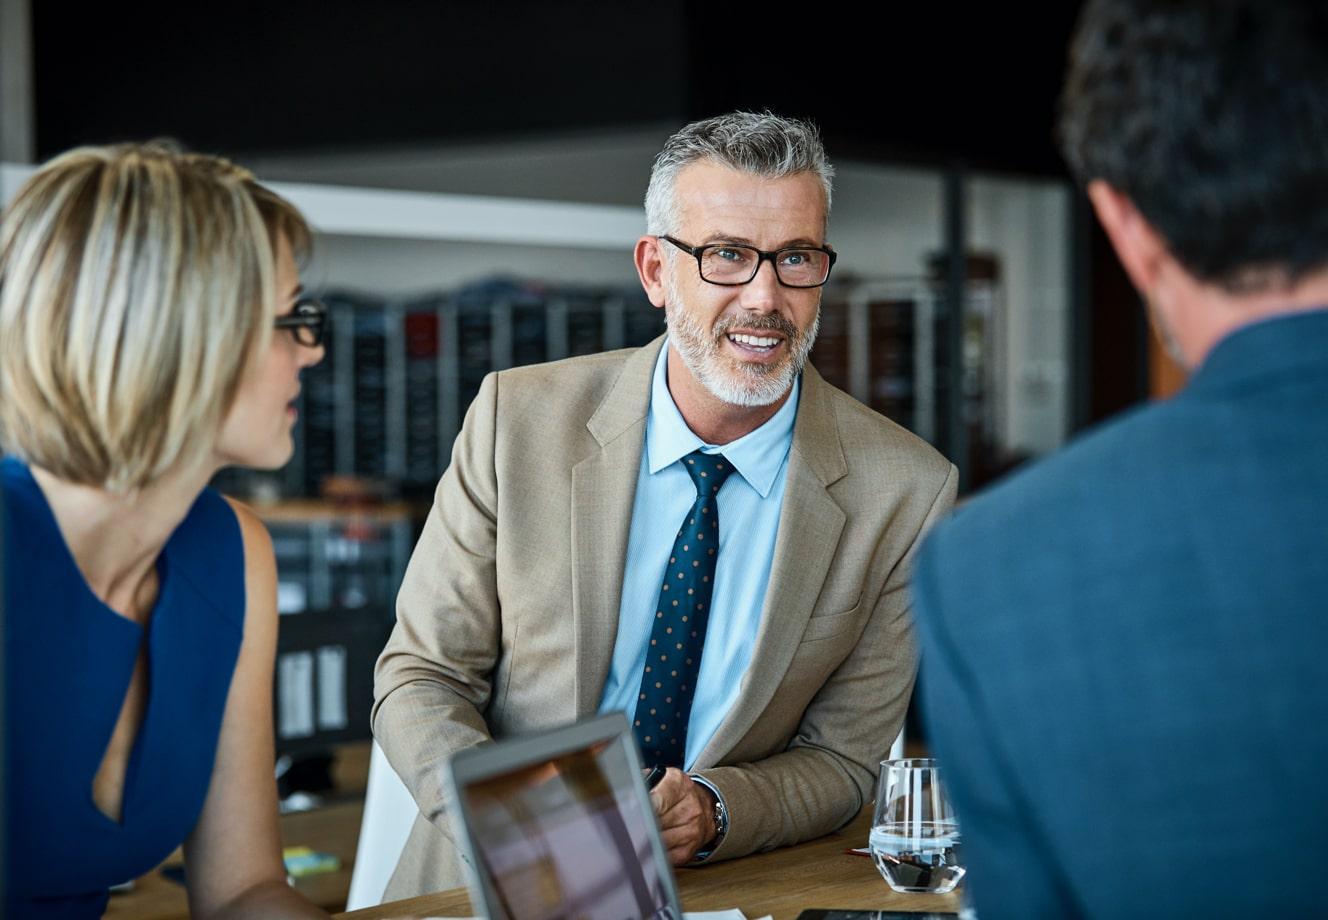 Segurança completa para seus clientes empresariais